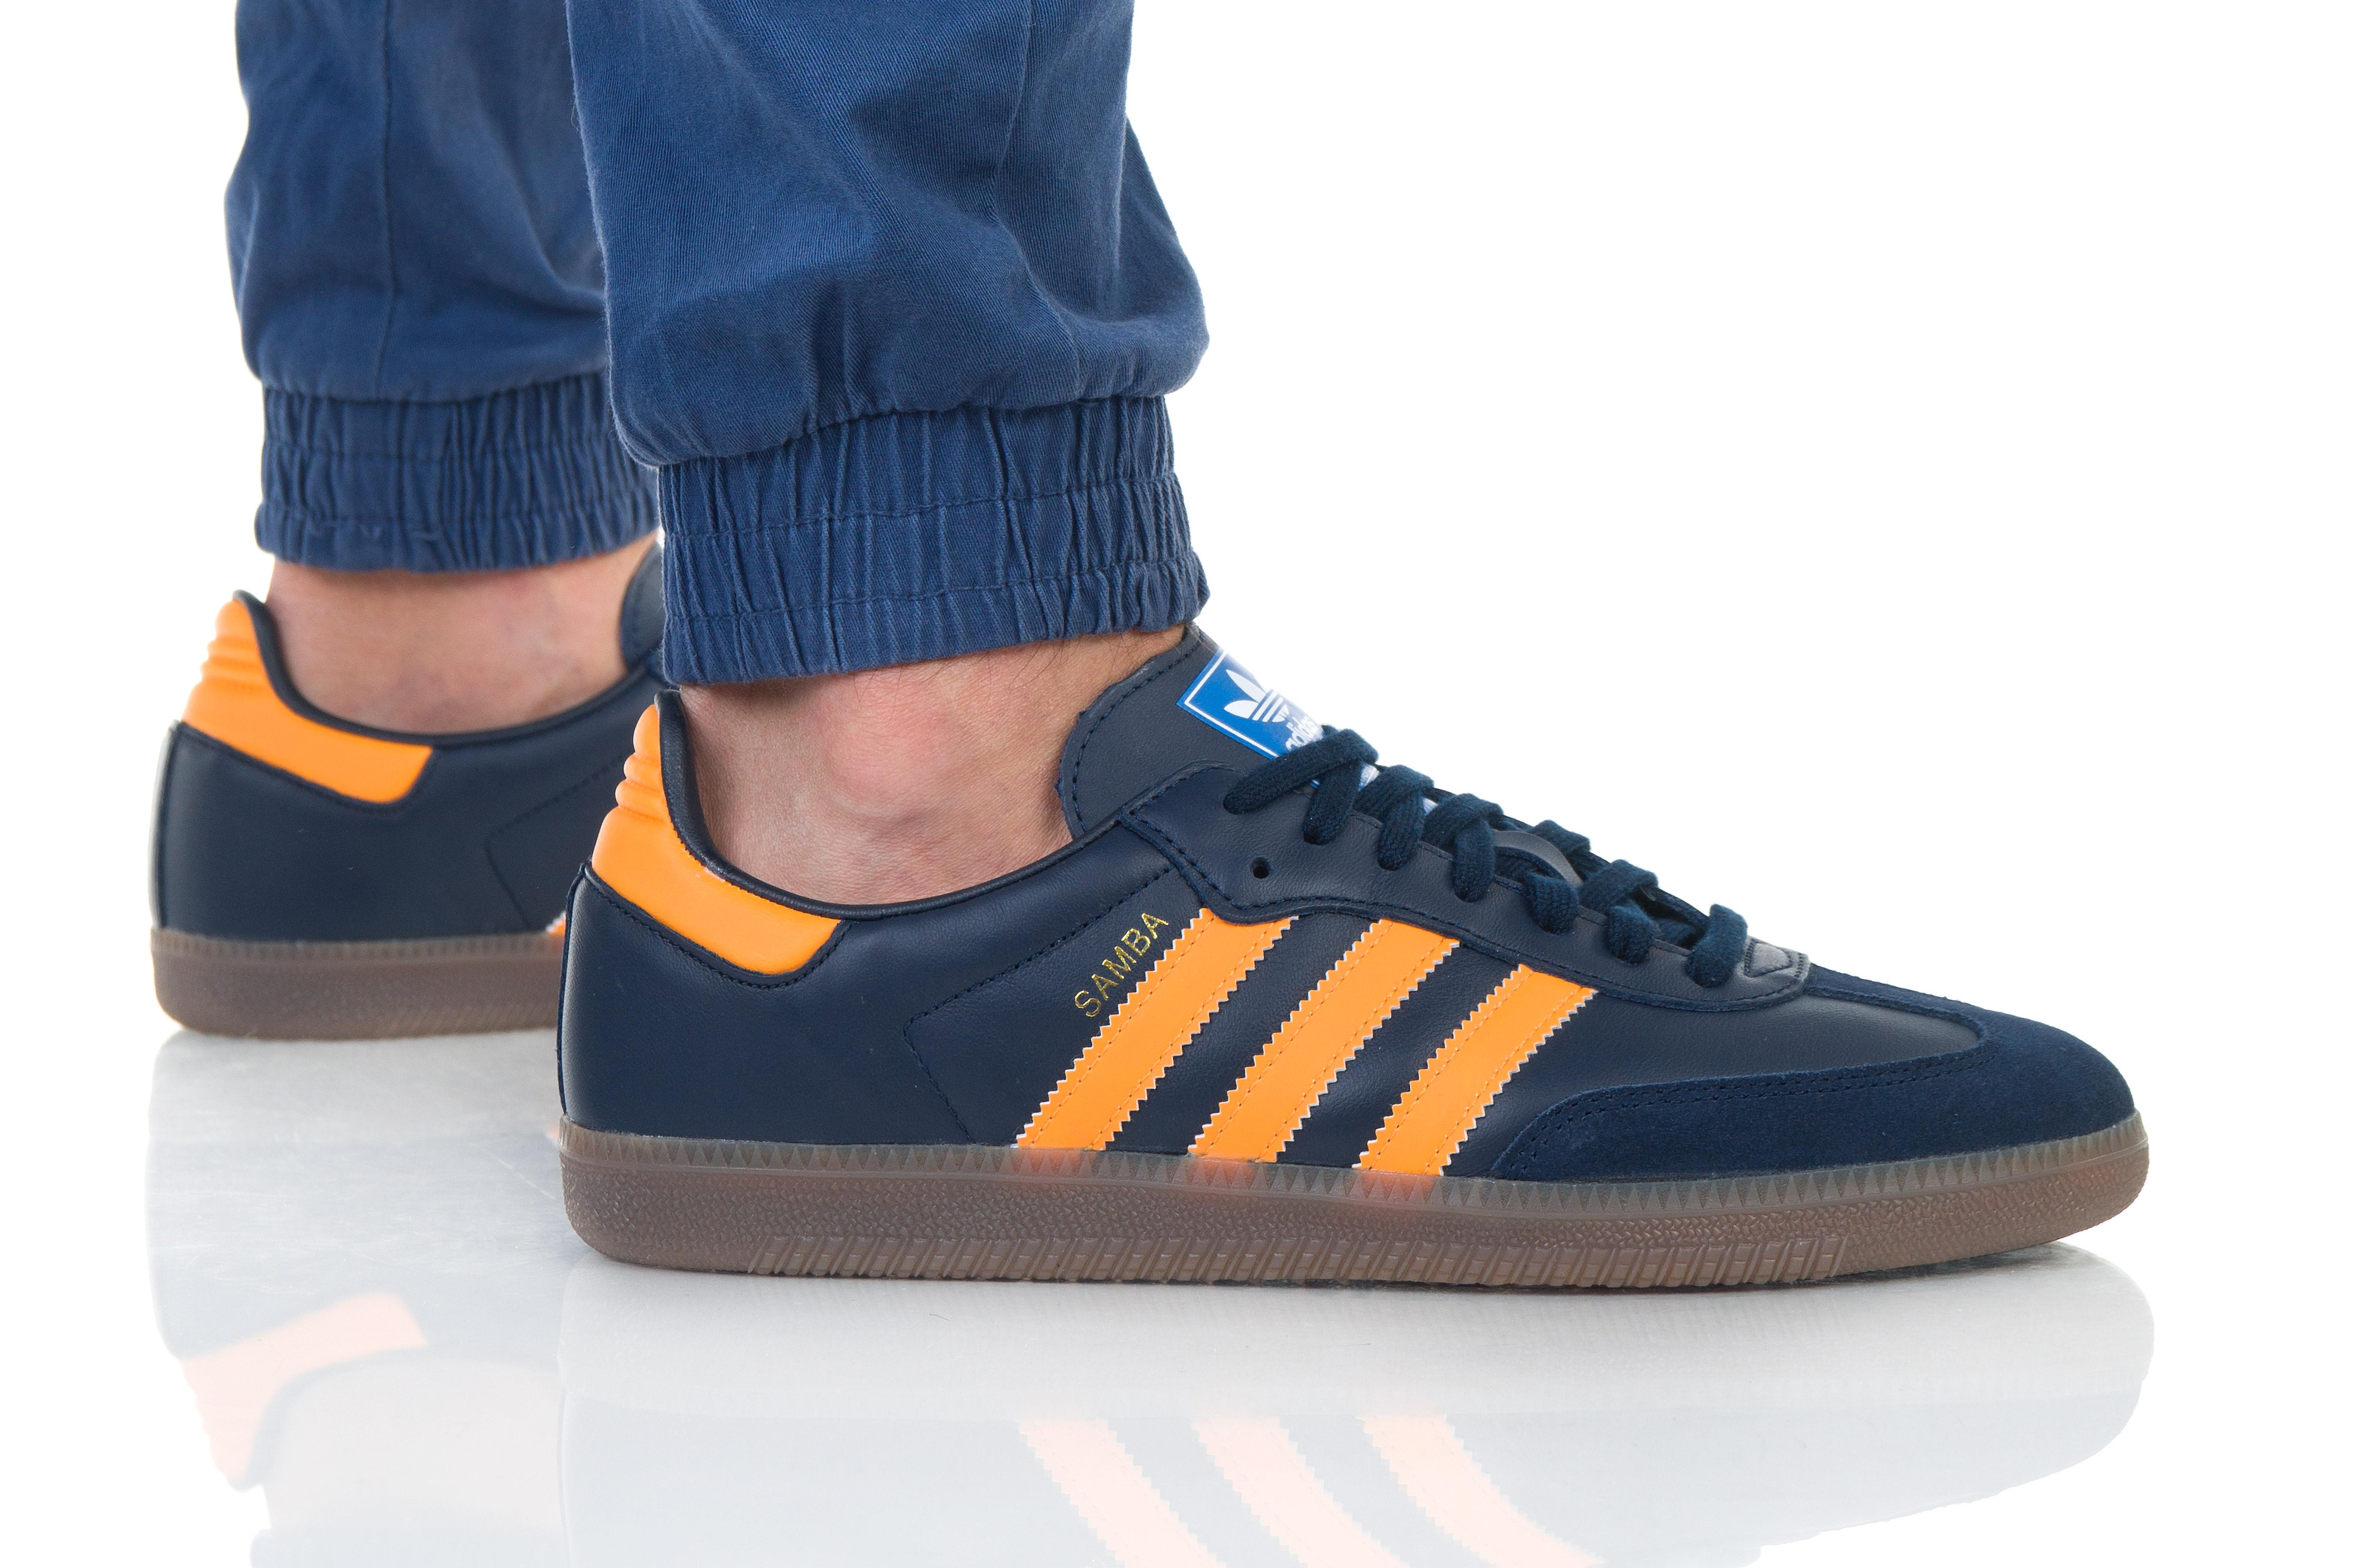 נעליים אדידס לגברים Adidas Samba OG - כתום/שחור